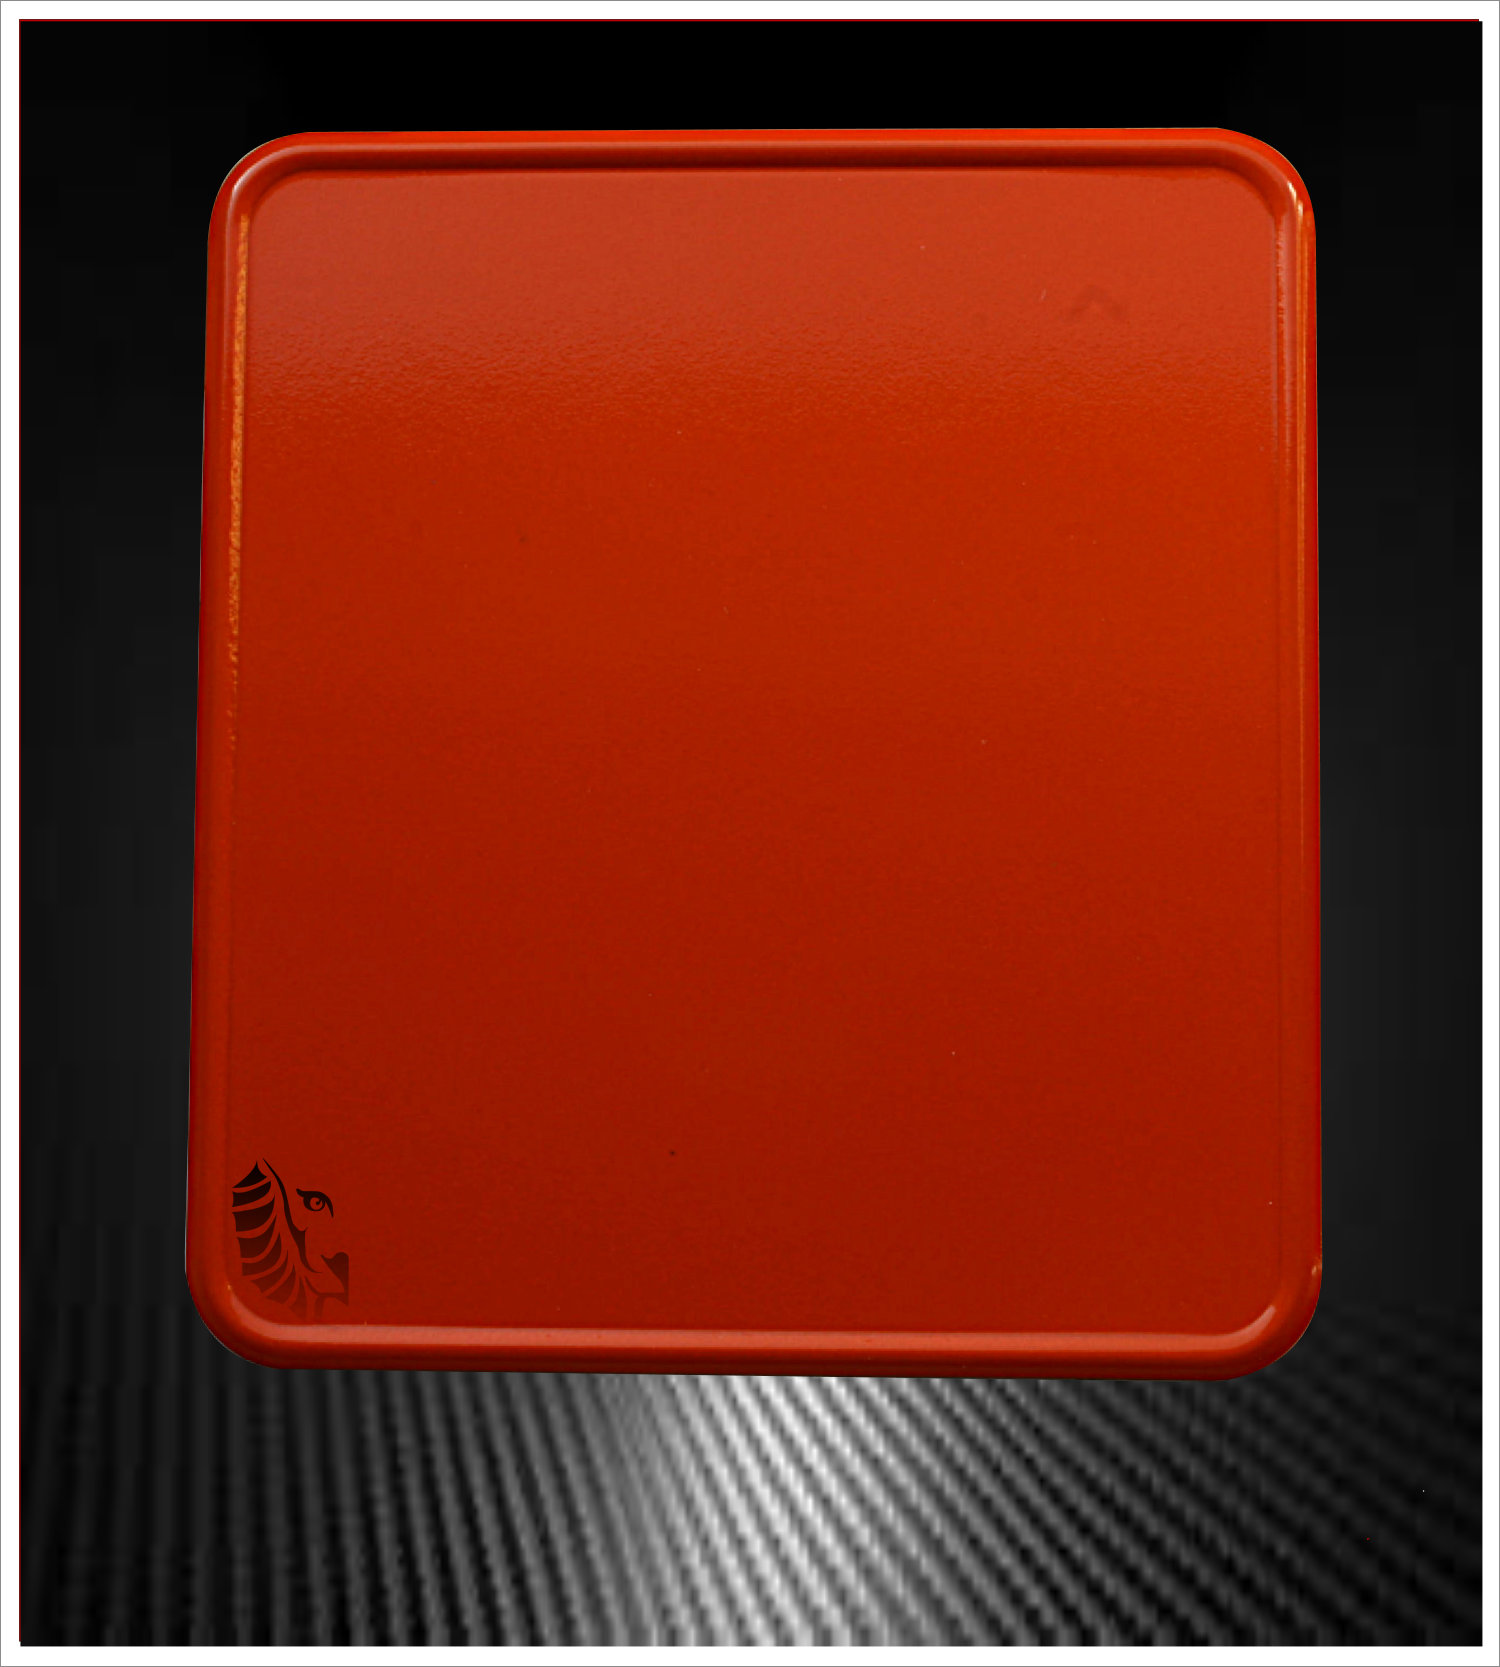 Motorrad Kennzeichenverstärker Orange Sport